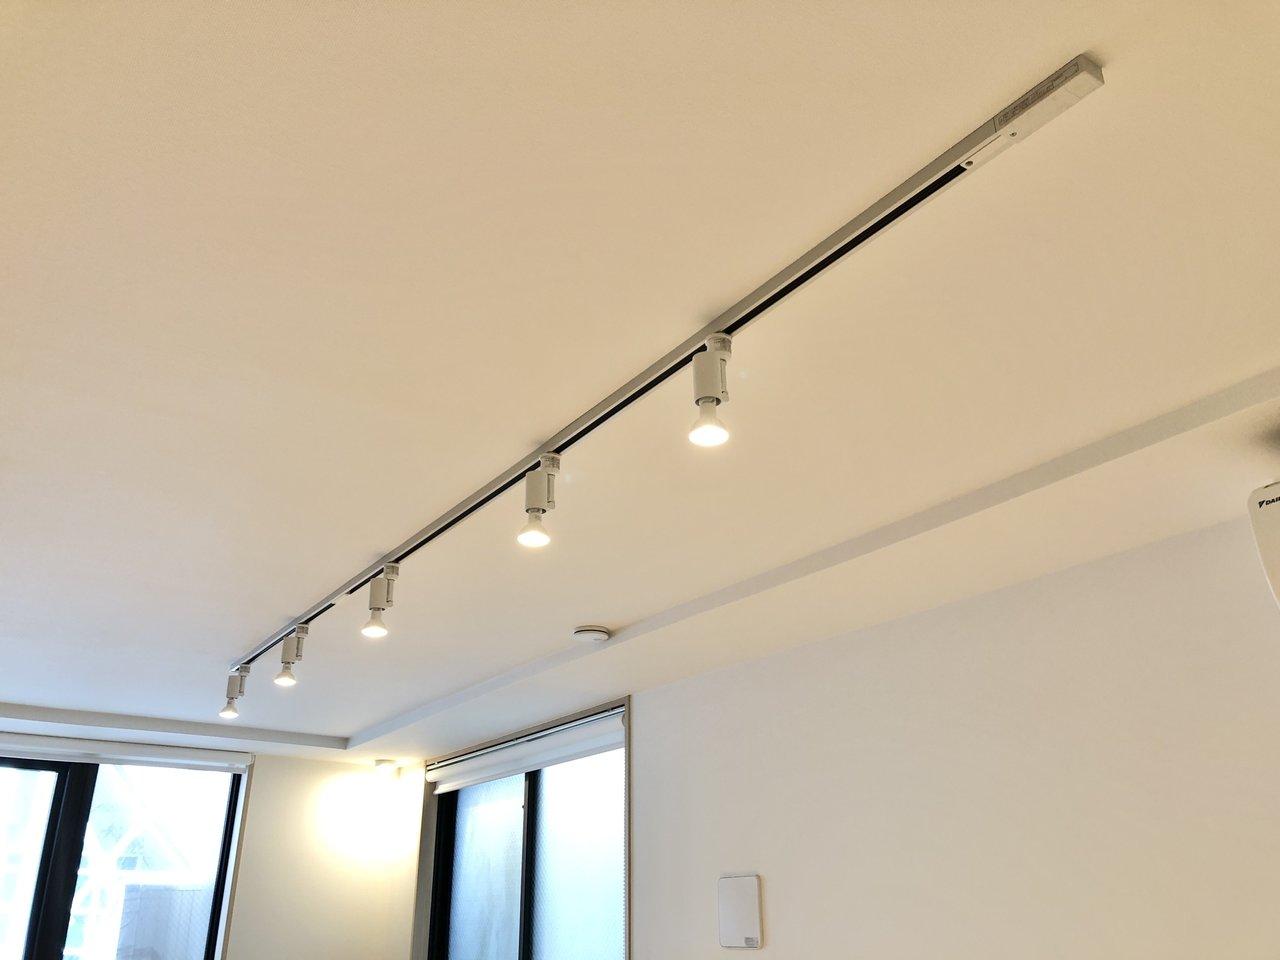 「スポットライト」は、光を当てる向きを変えられる照明です。賃貸のお部屋の場合は、ライティングレールにつけられることが多いです。自分で位置や向きを調整して、壁のディスプレイなどにピンポイントで光を当てることができます。